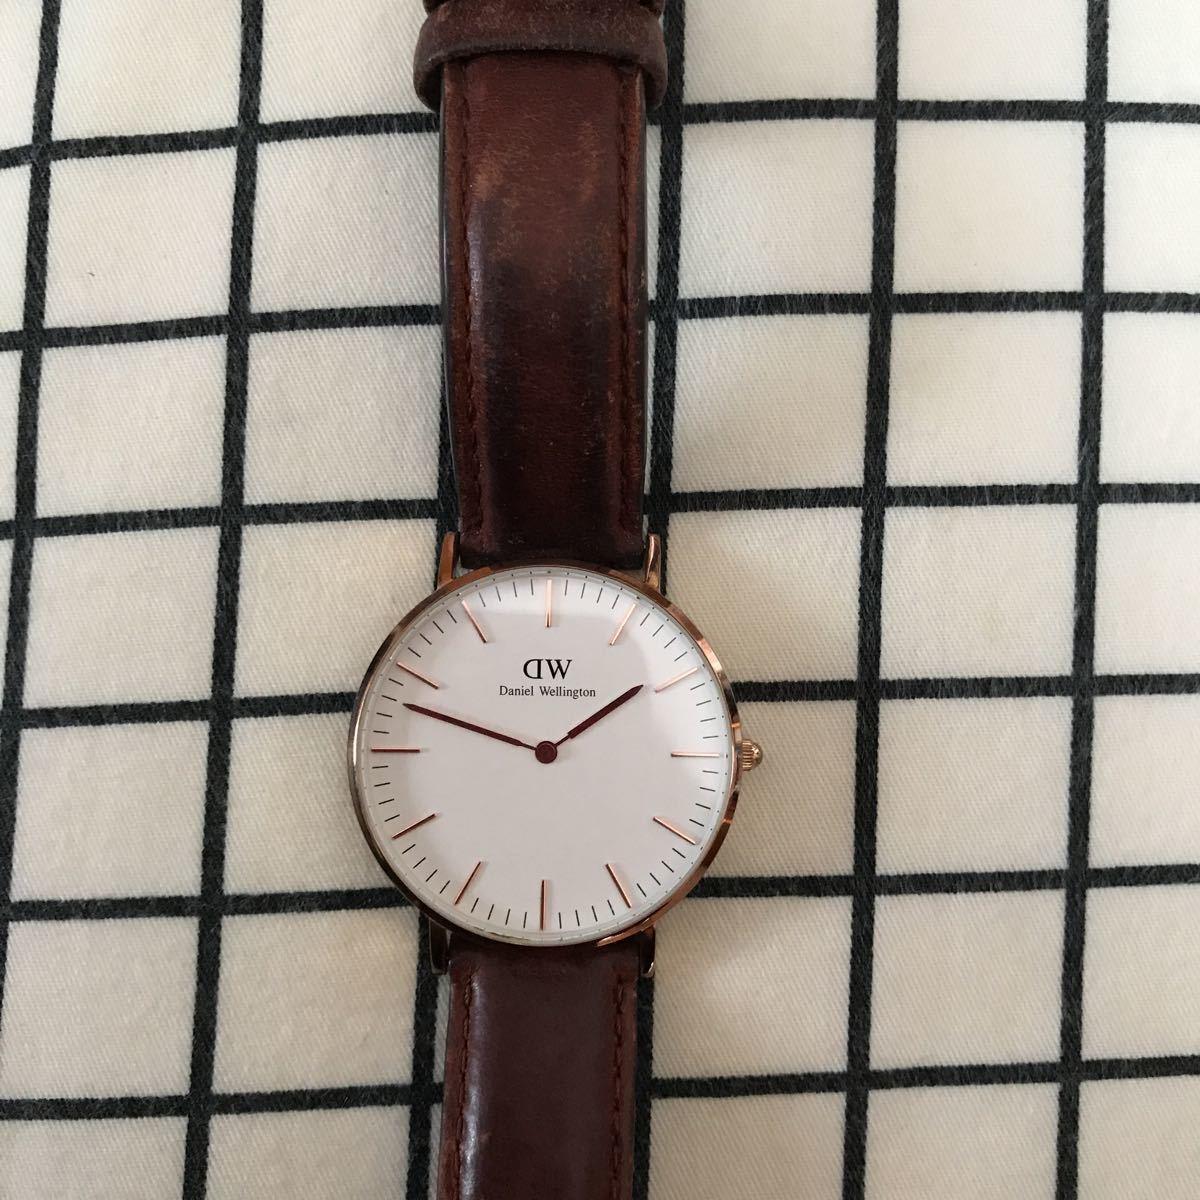 ダニエルウェリントン腕時計 ★電池交換して下さいdanielwellington_画像2